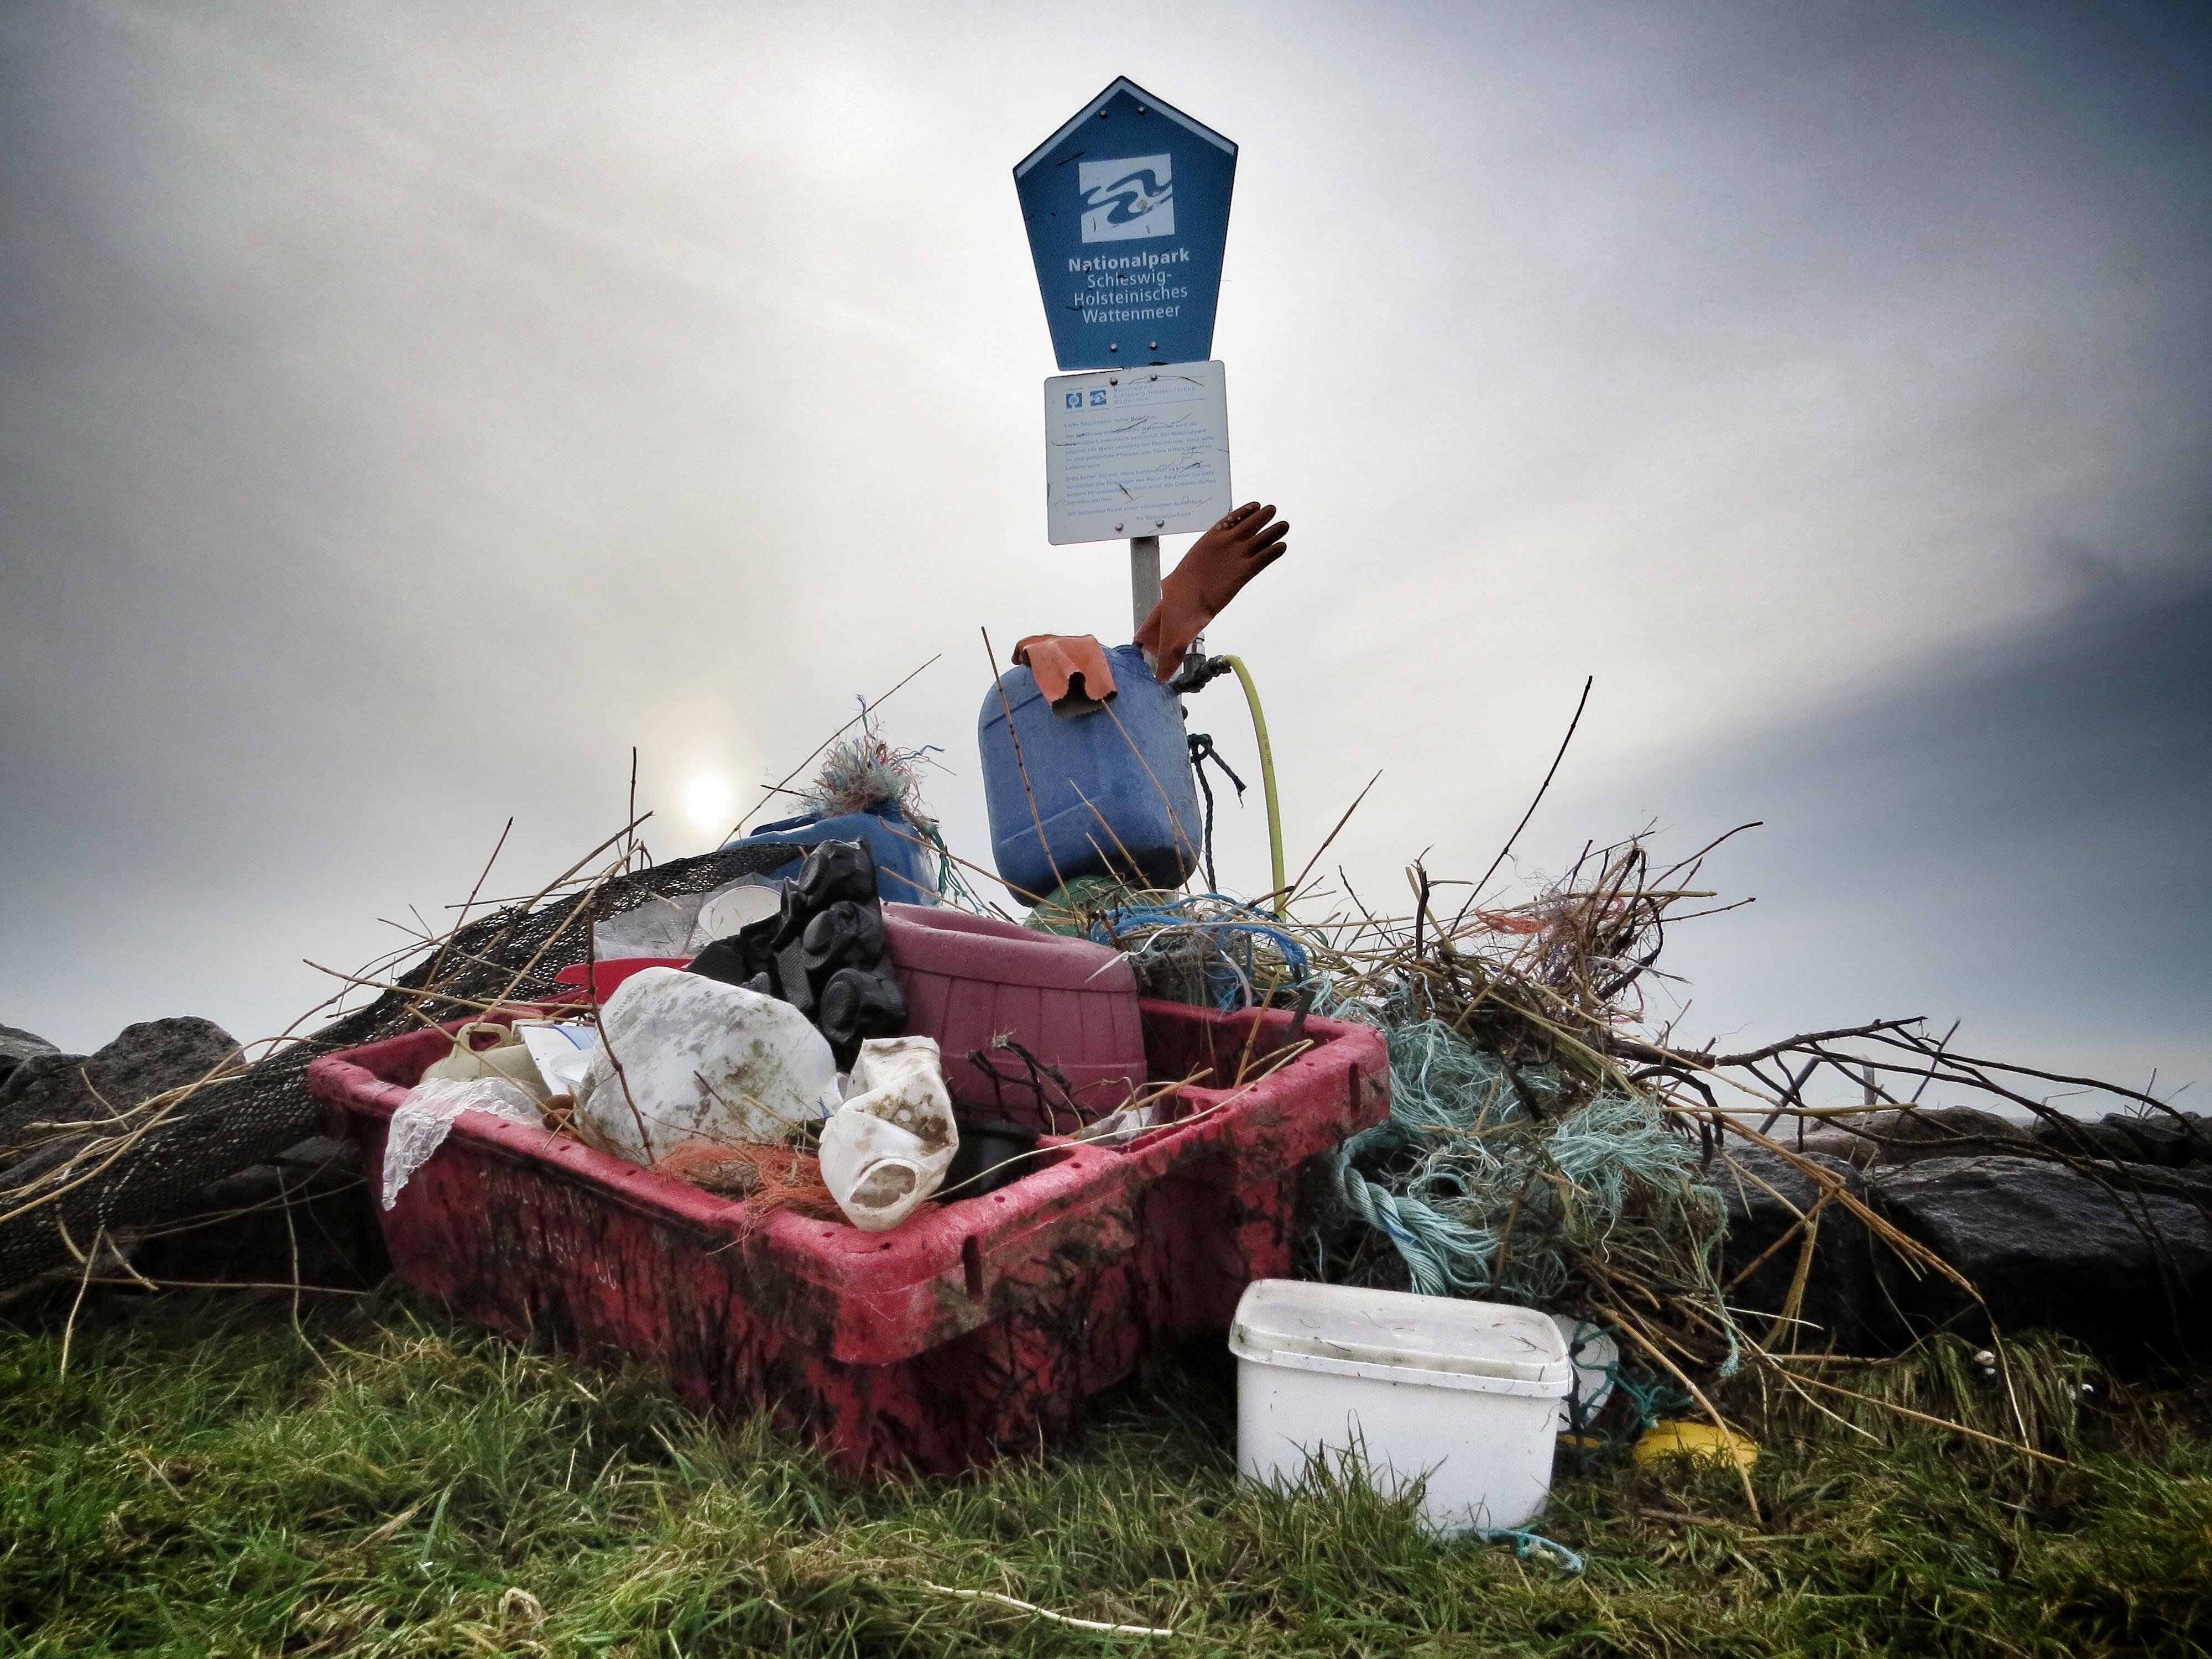 Vor einem Schild des Nationalparks Wattenmeer türmt sich Müll auf.